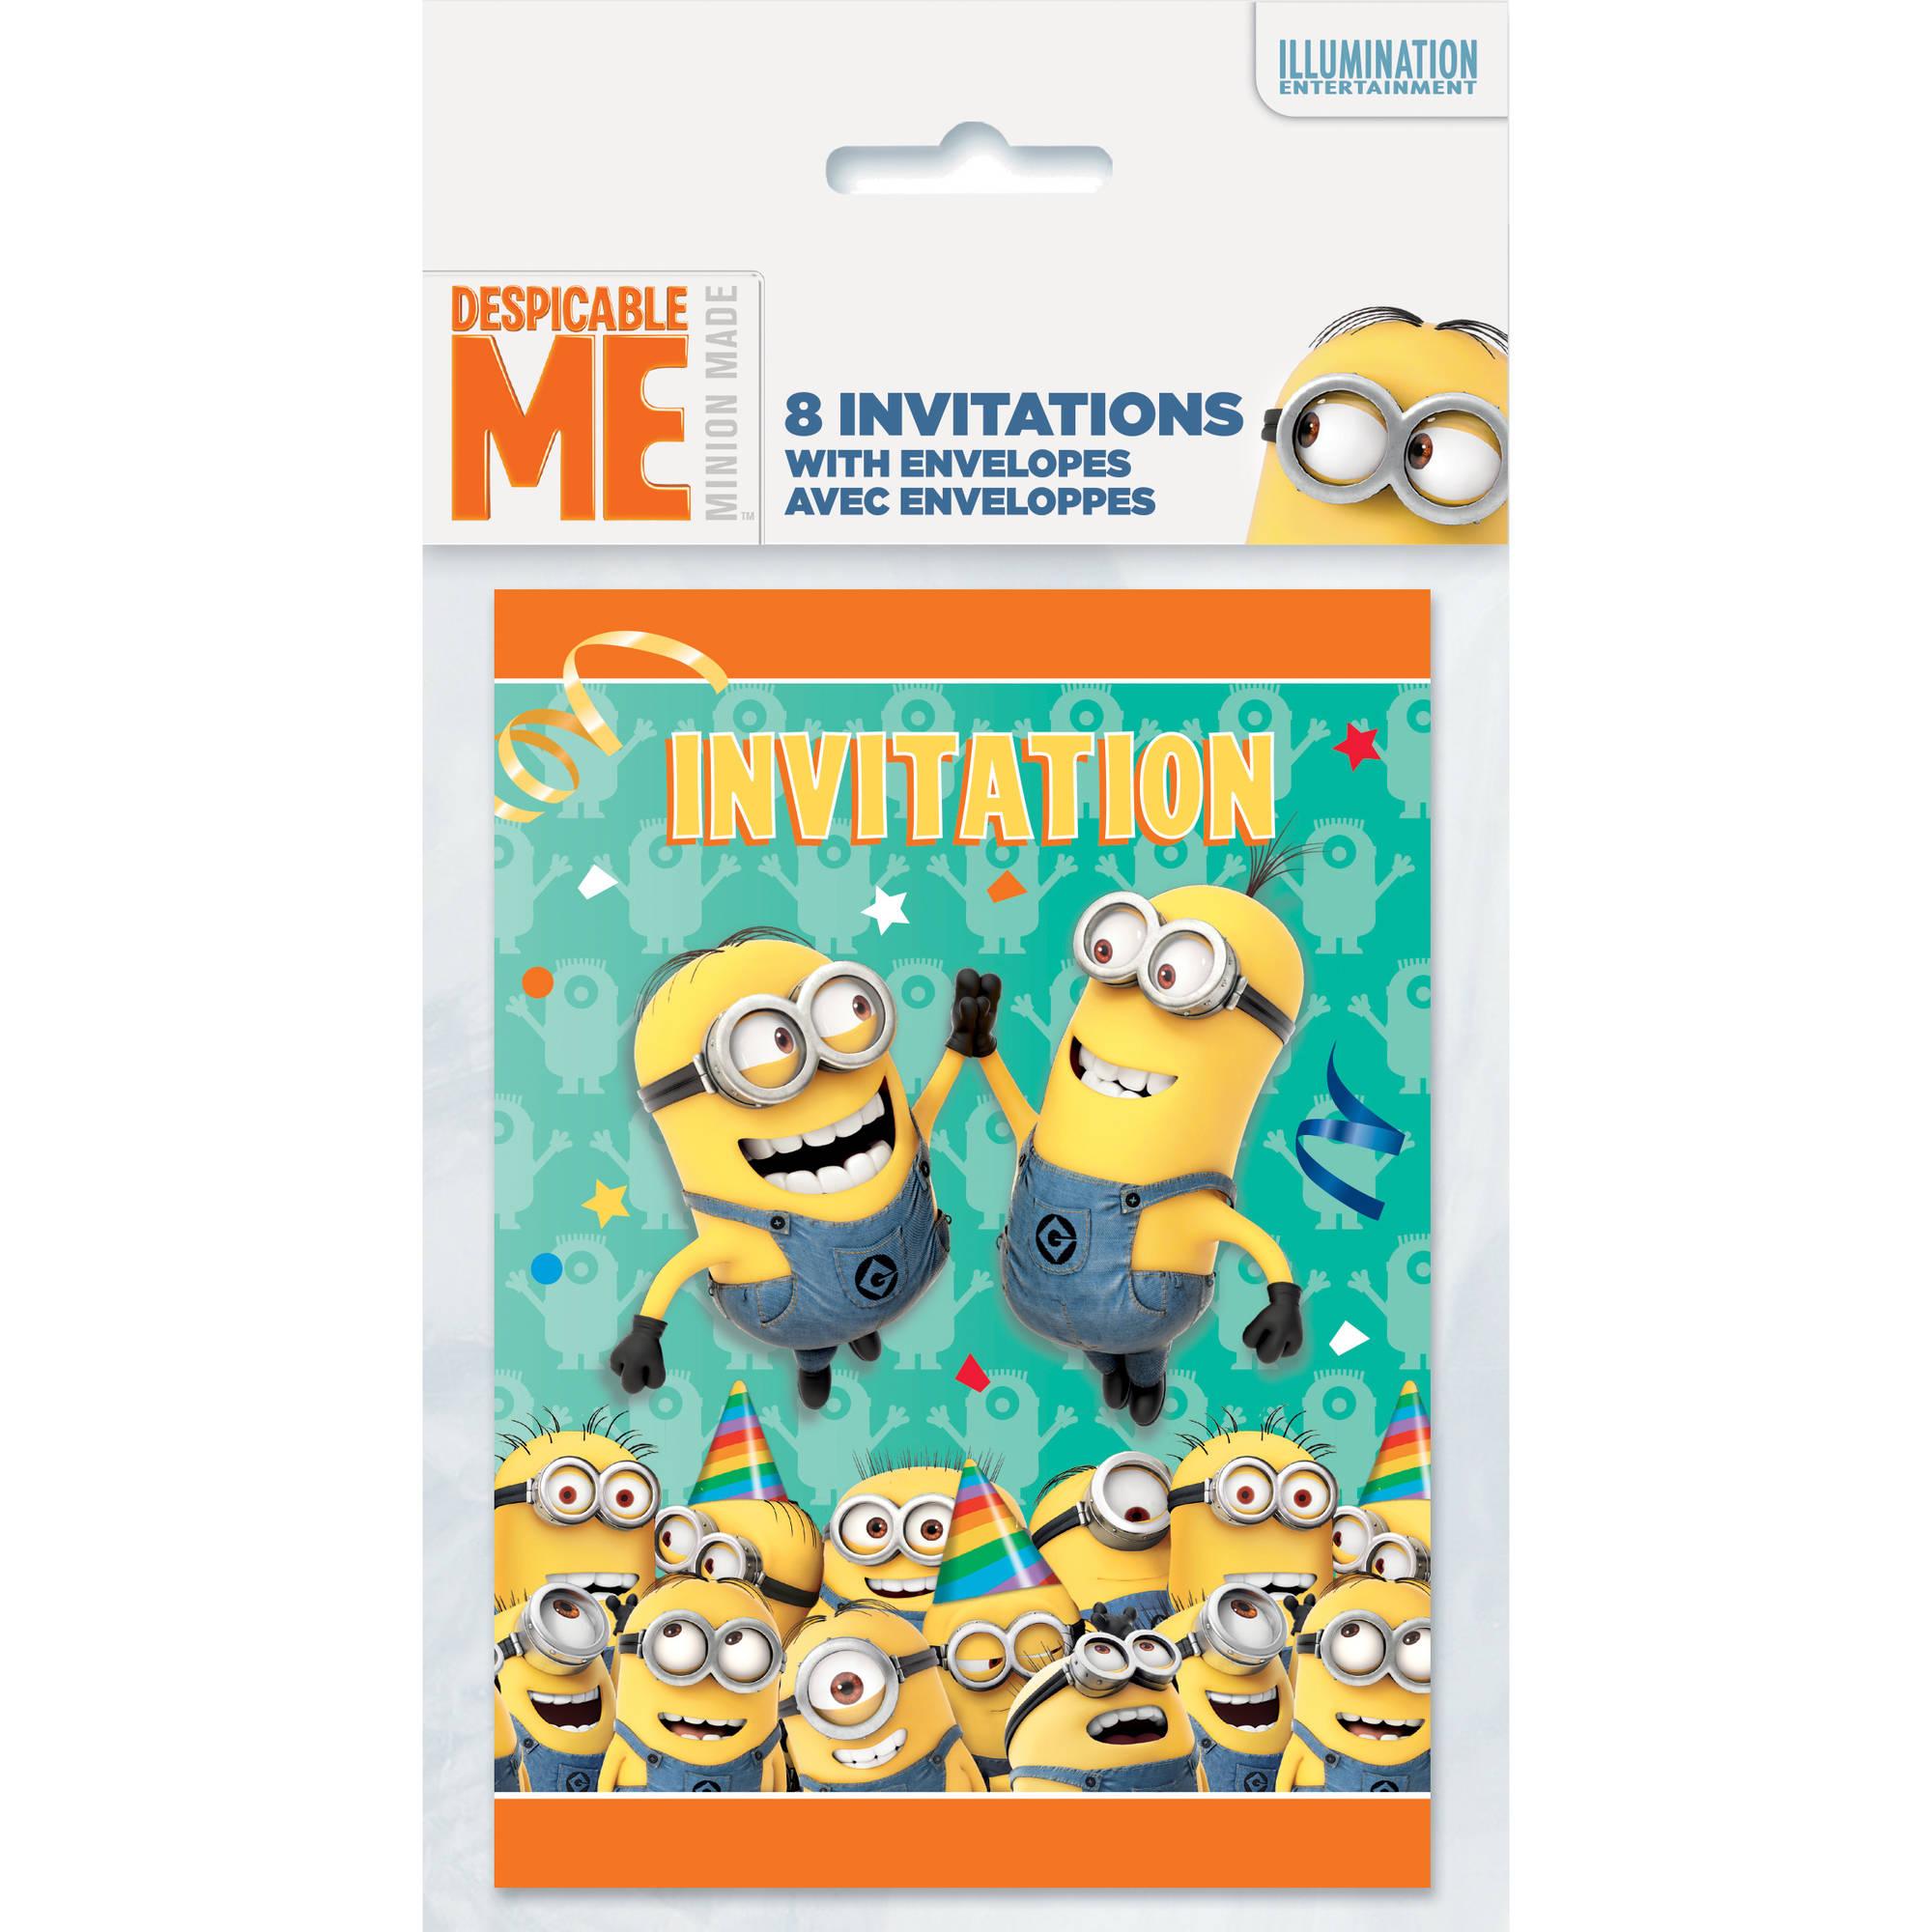 Despicable Me Minions Invitations, 8ct